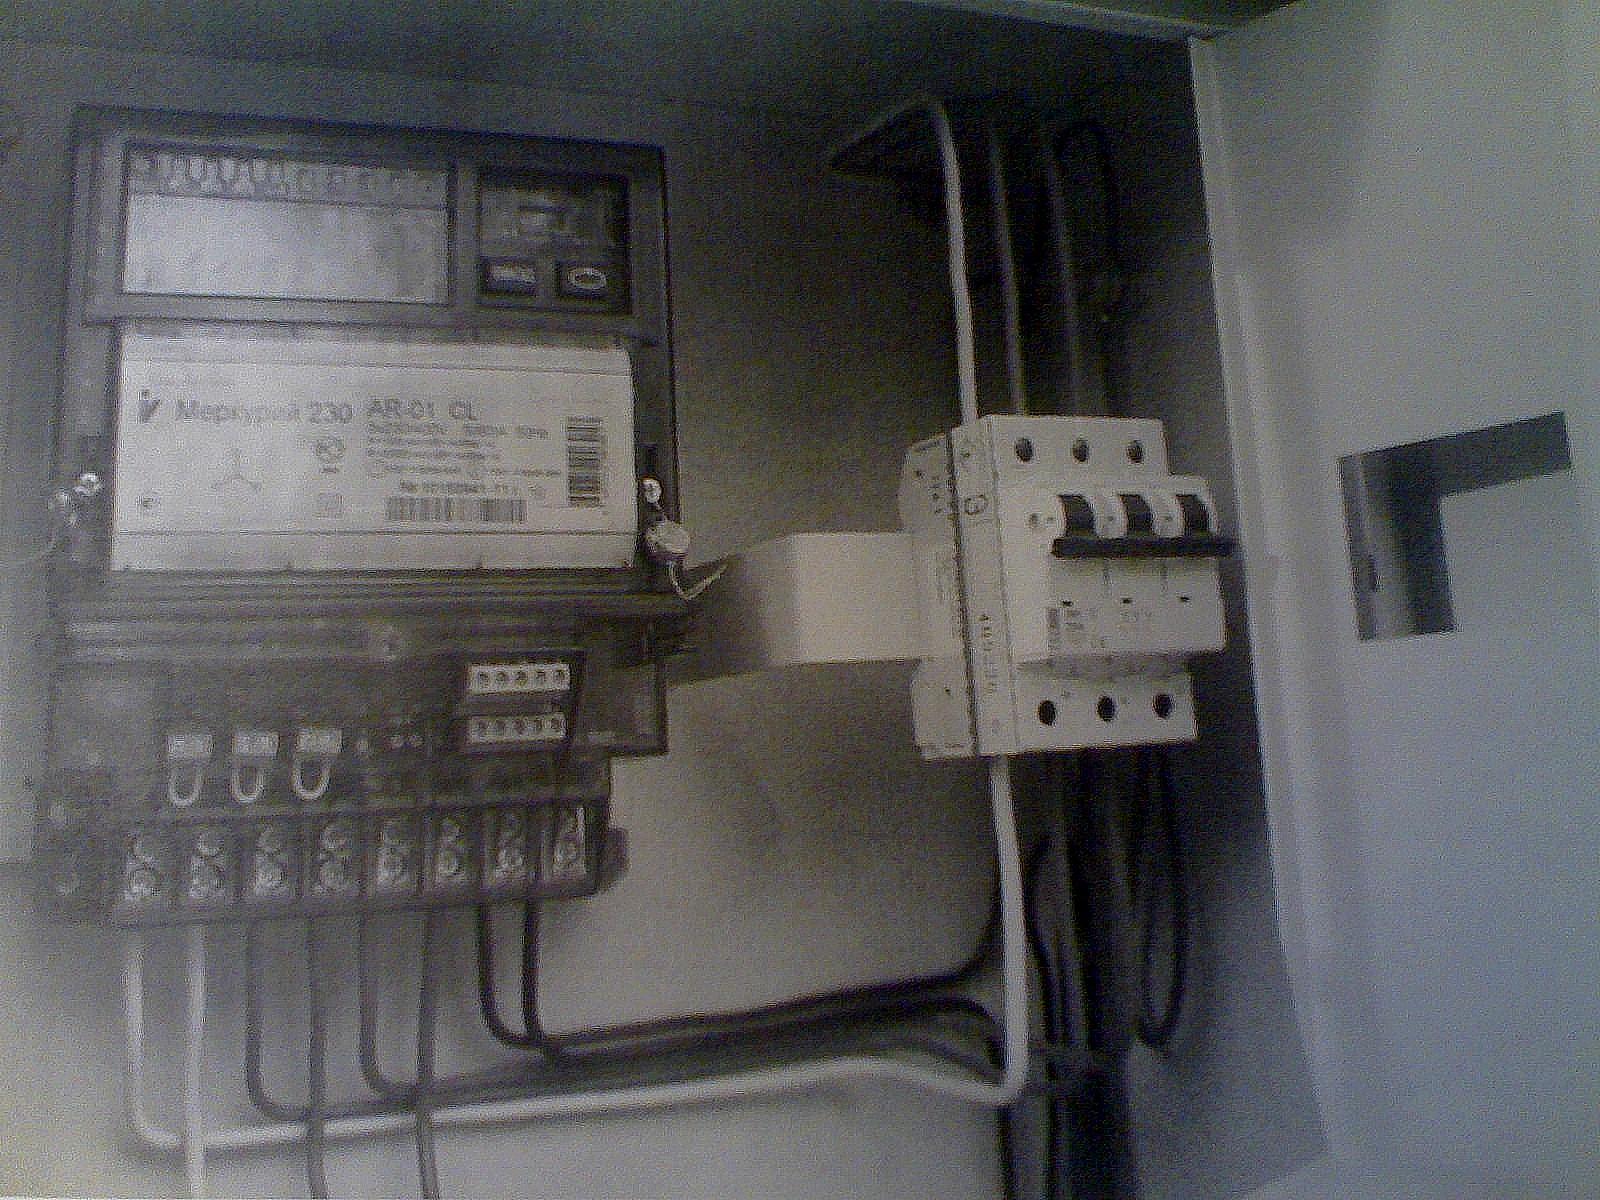 Схема подключения тт через испытательную коробку